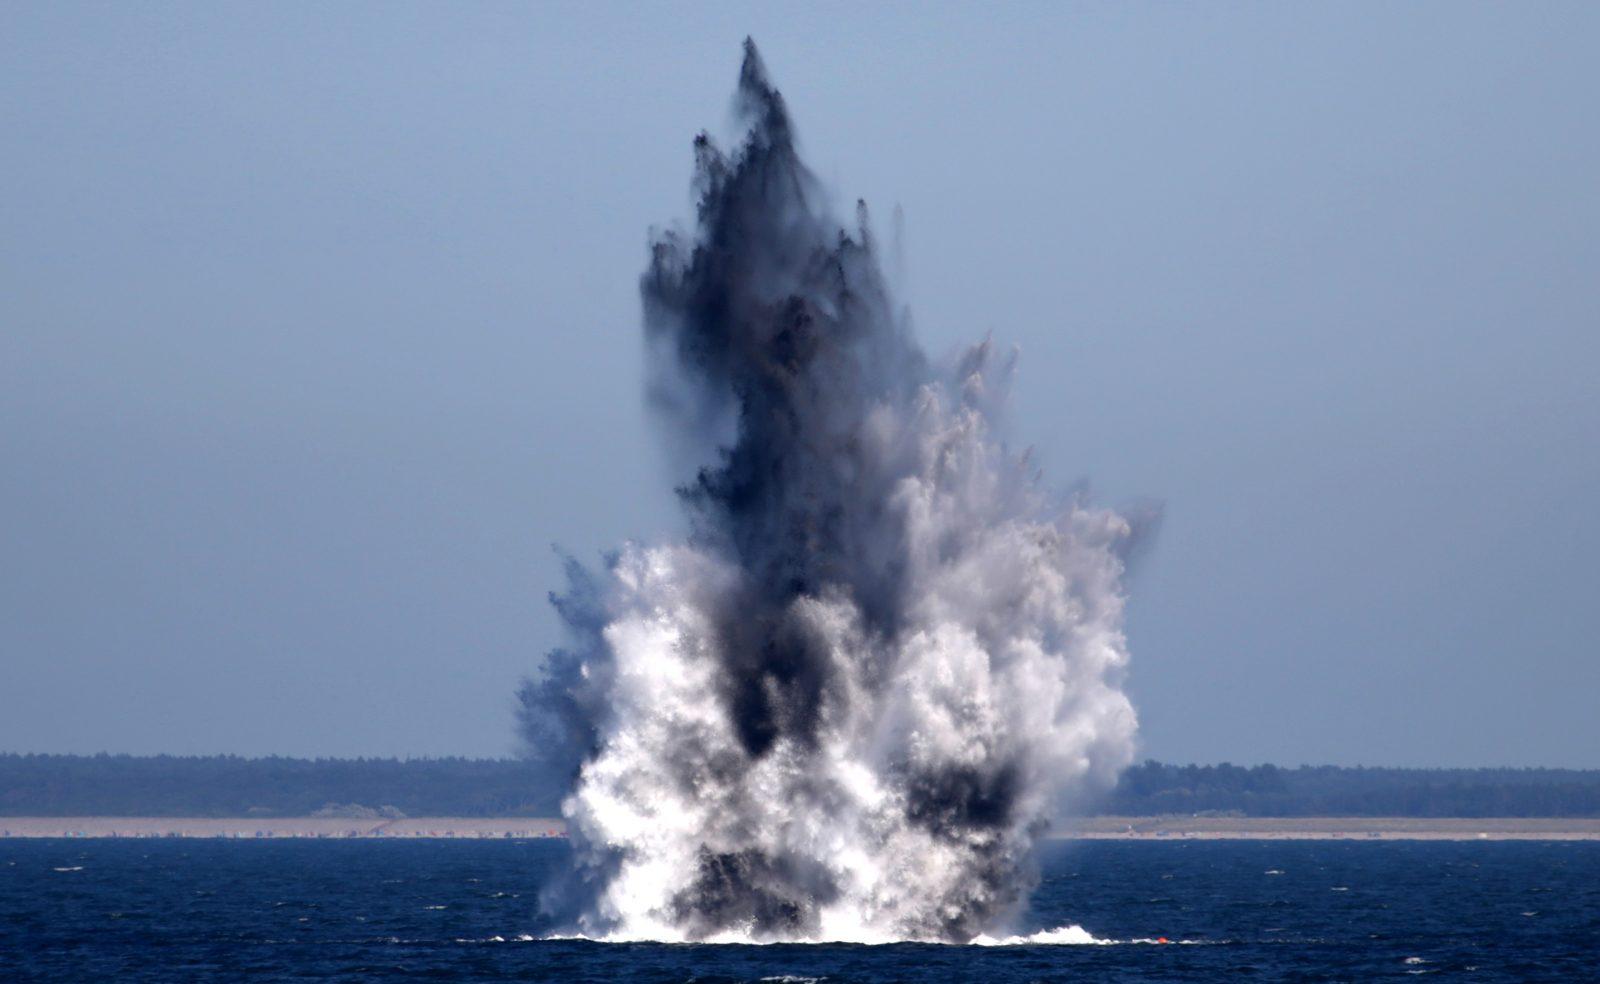 Zwei Wasserbomben aus dem Zweiten Weltkrieg werden in der Ostsee vor Wustrow gesprengt